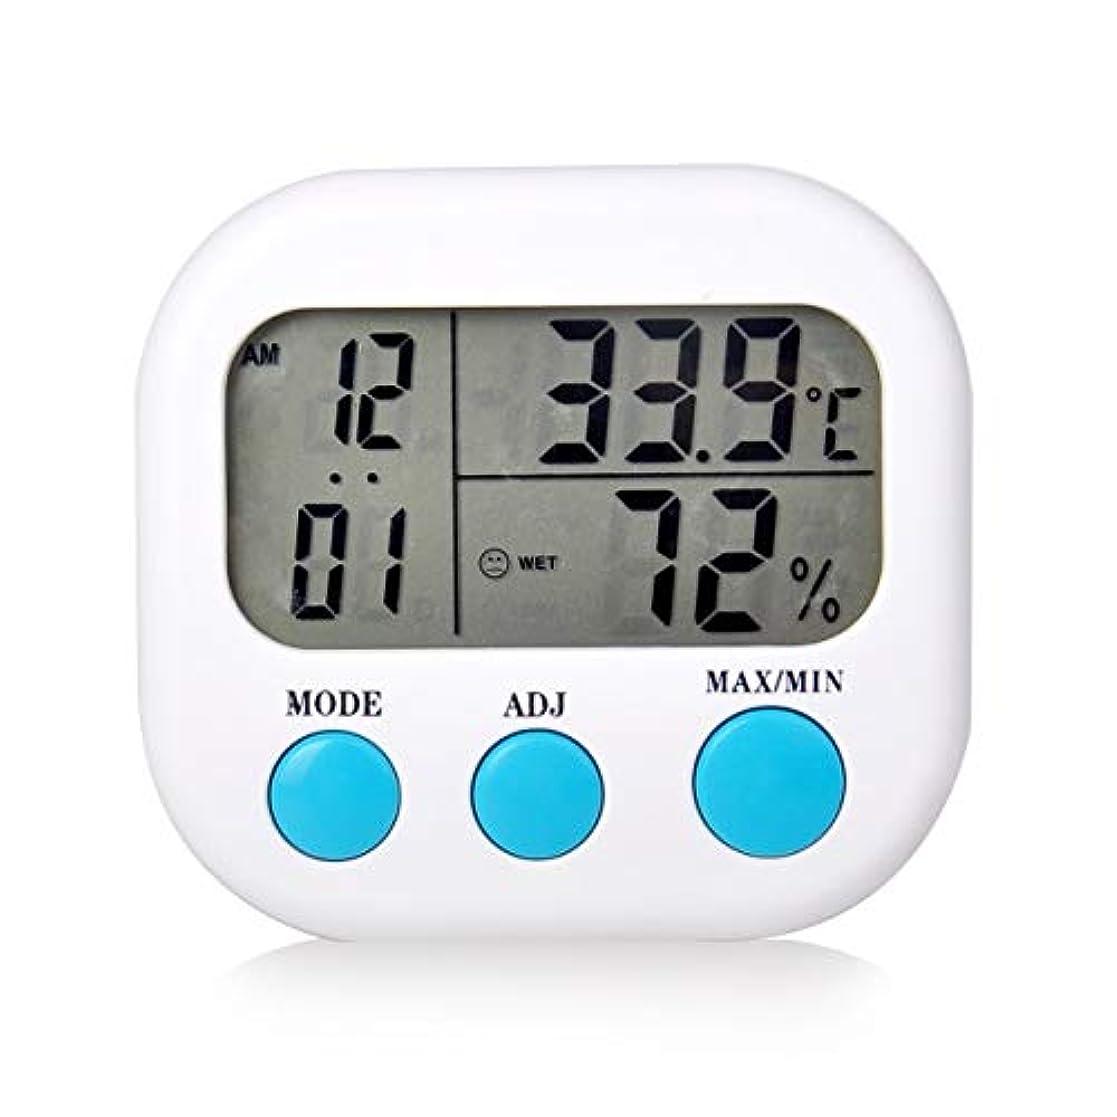 リブ現像丁寧Saikogoods 電子体温計湿度計 デジタルディスプレイ 温度湿度モニター アラーム時計 屋内家庭用 白